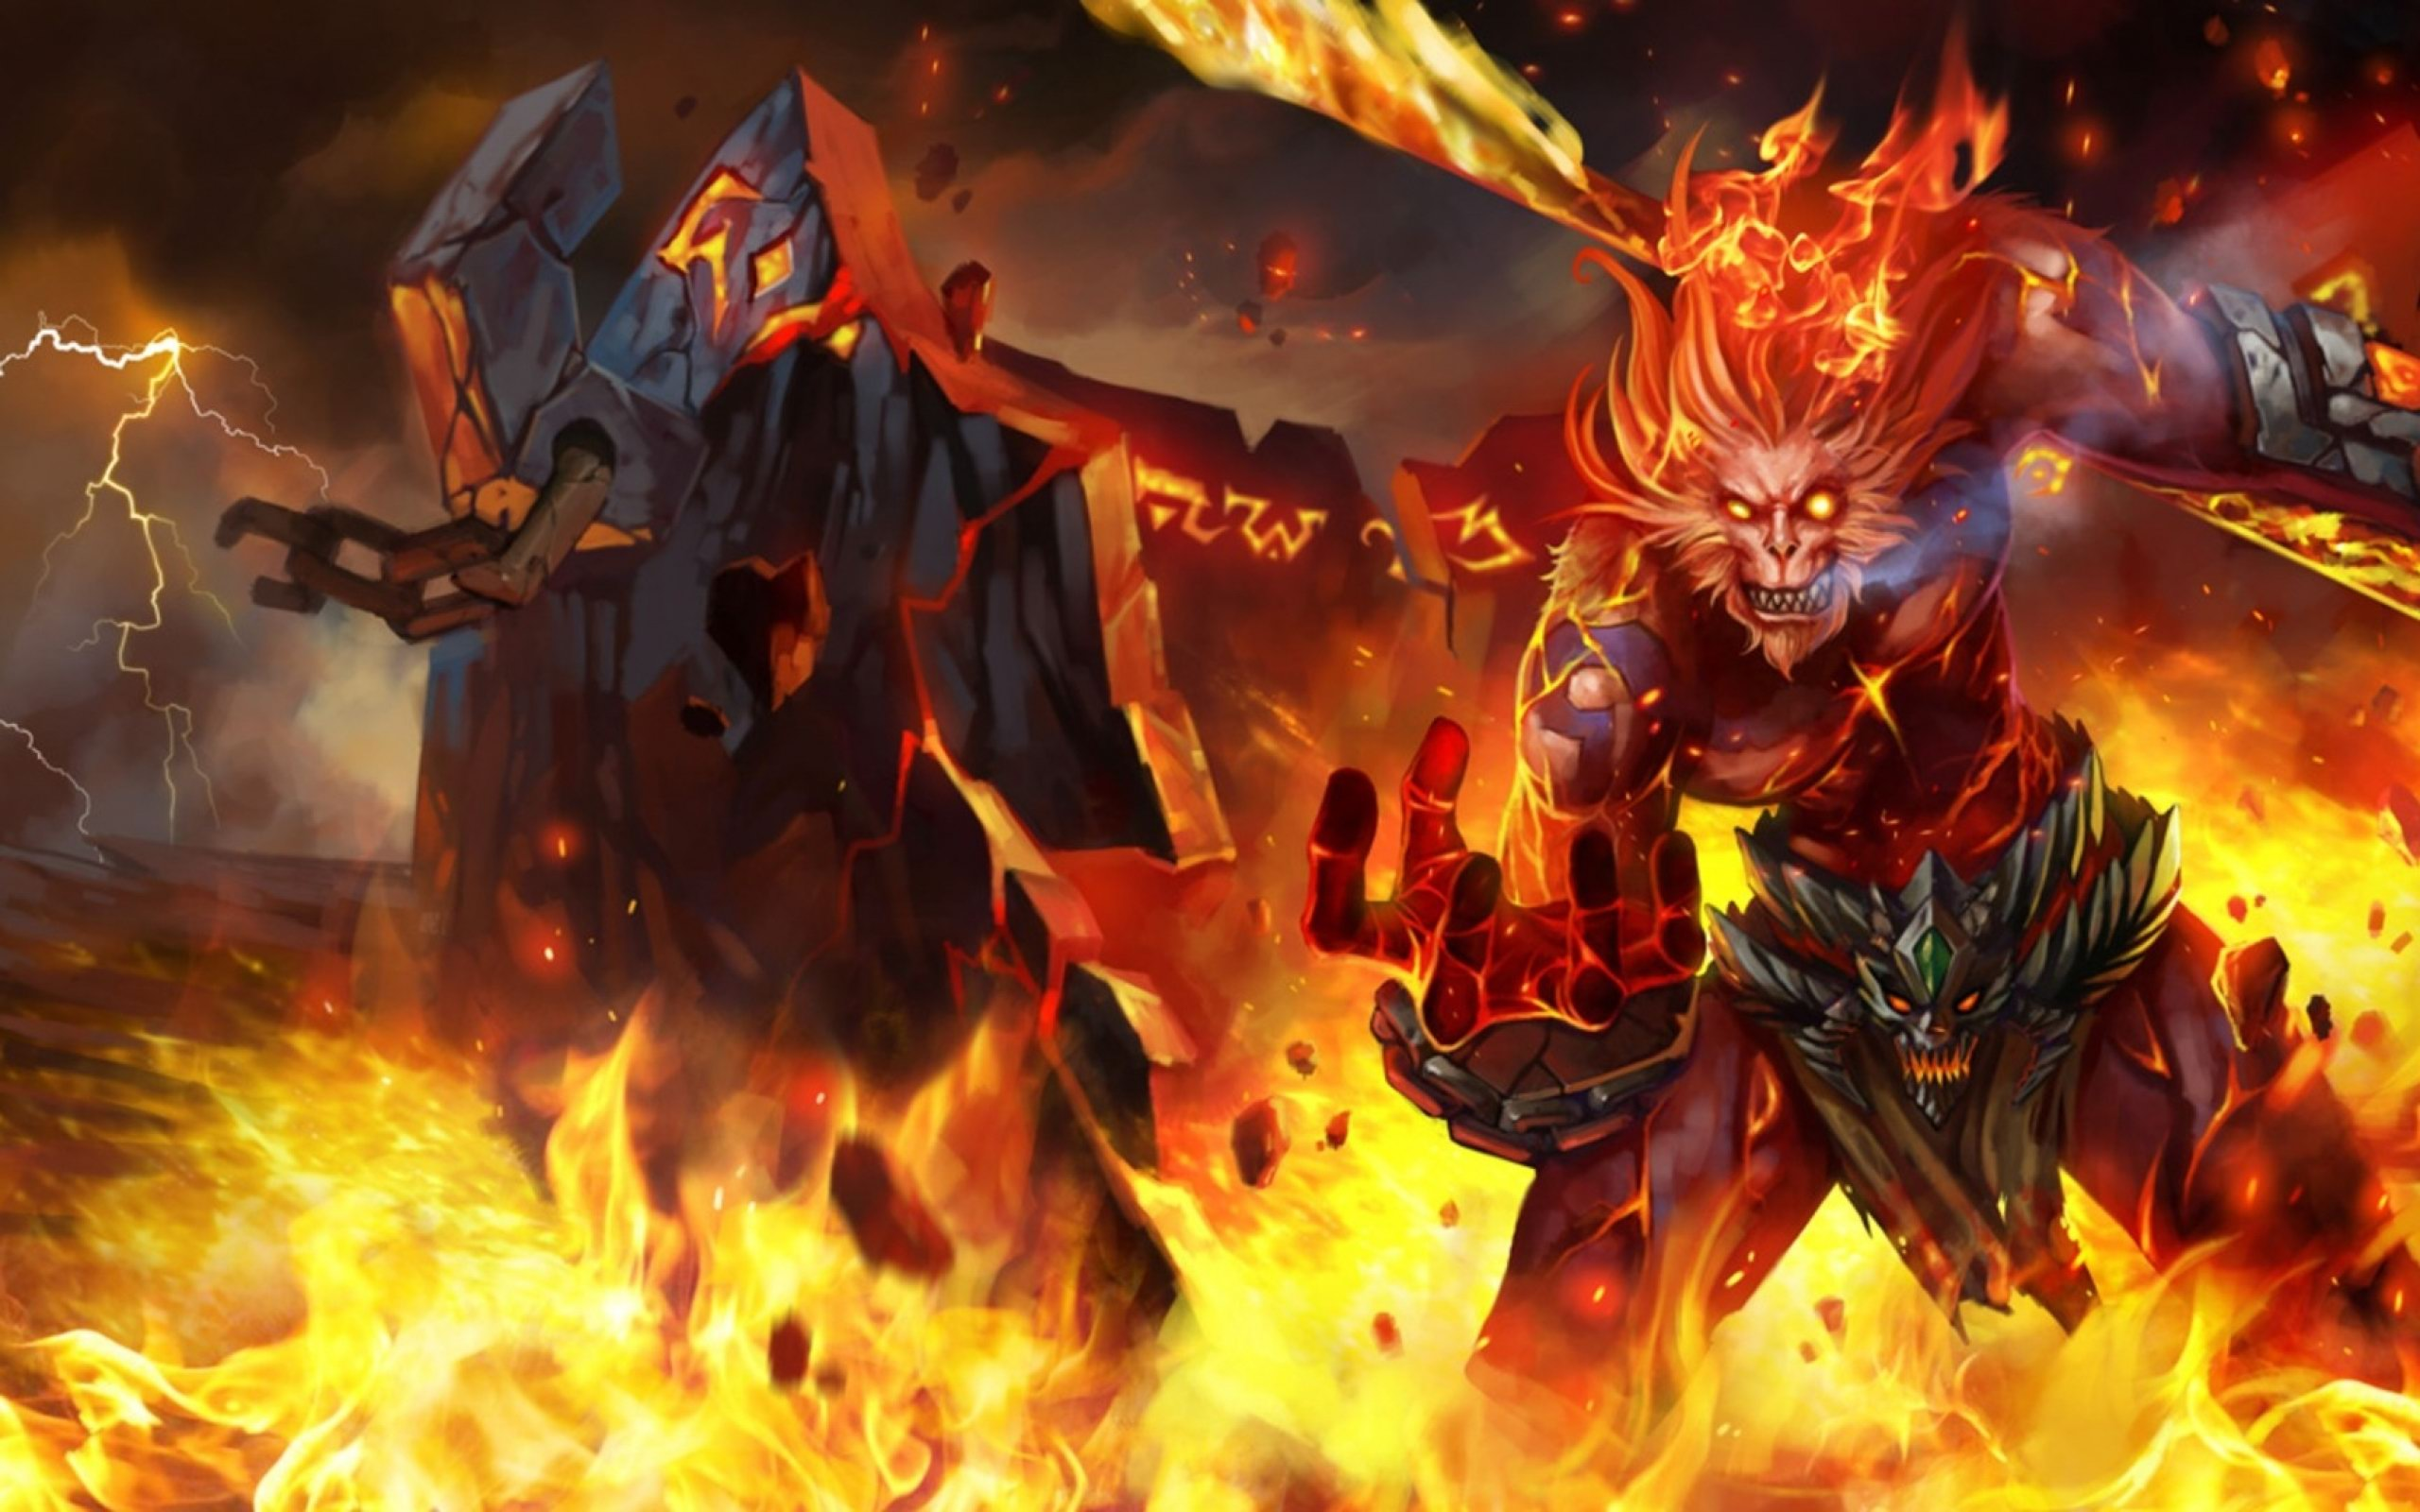 League-of-Legends-Wukong-Wallpaper.jpg